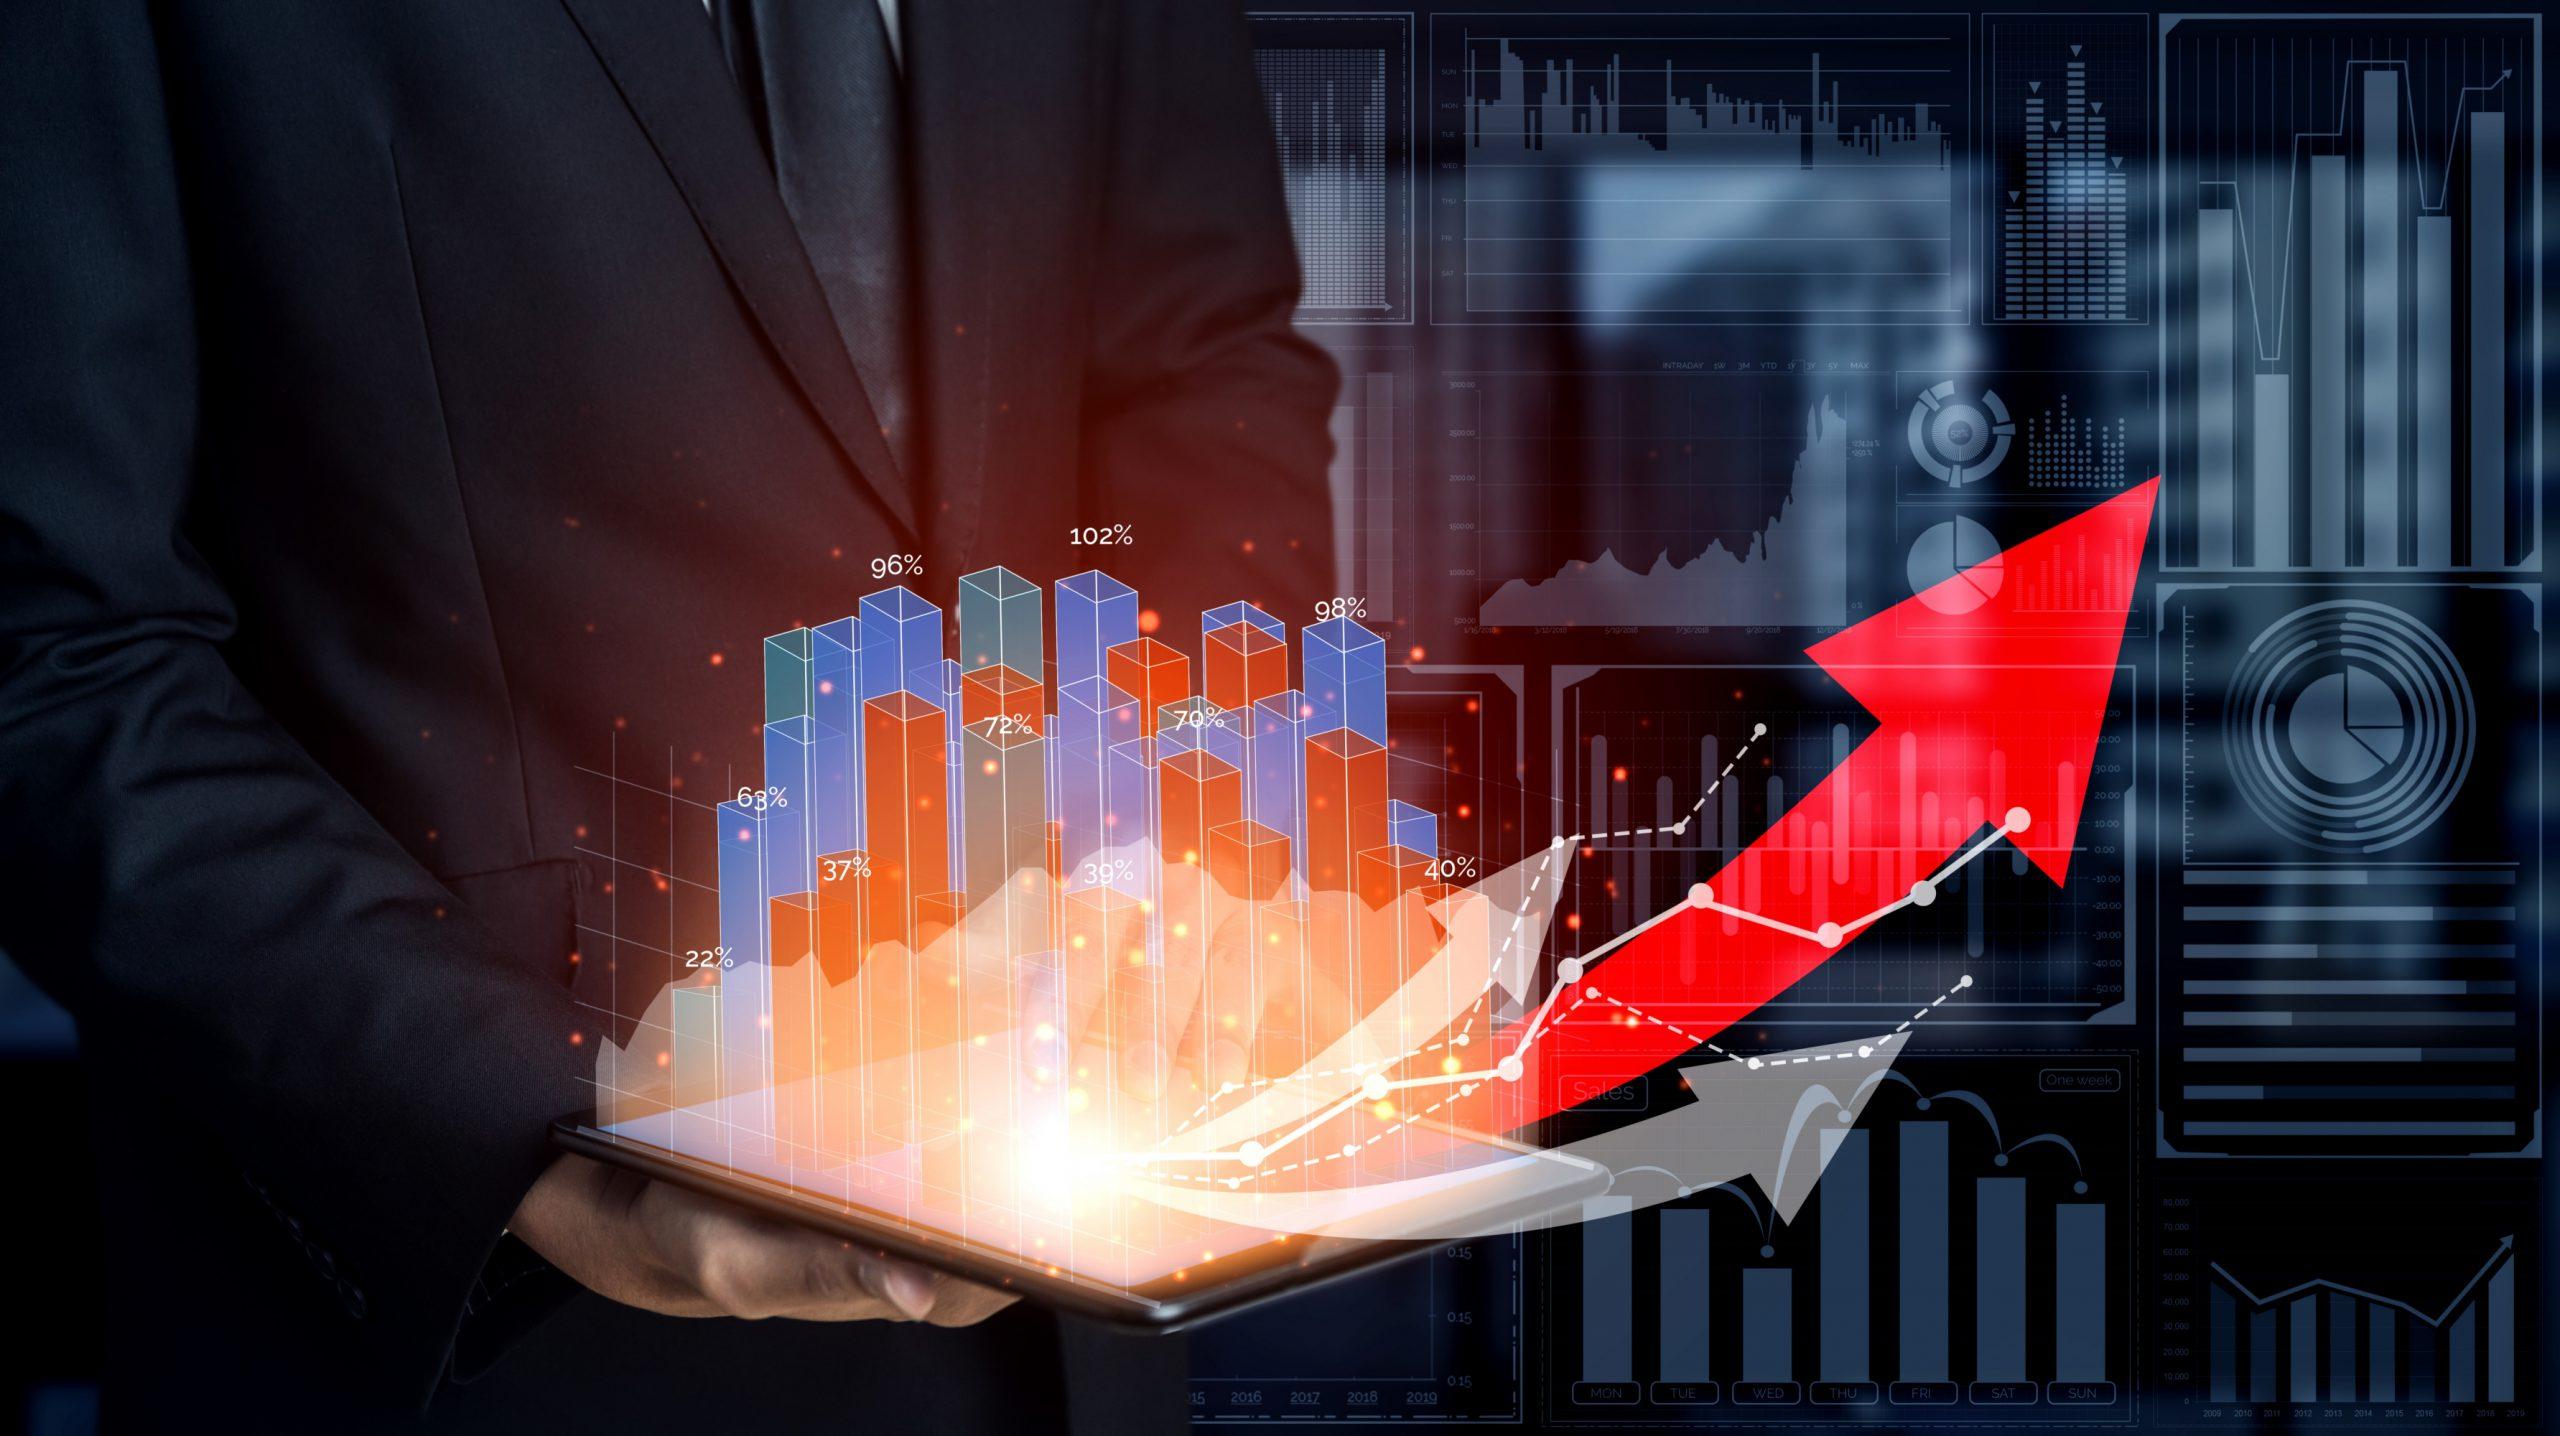 Tại sao cần giao dịch như tổ chức lớn?